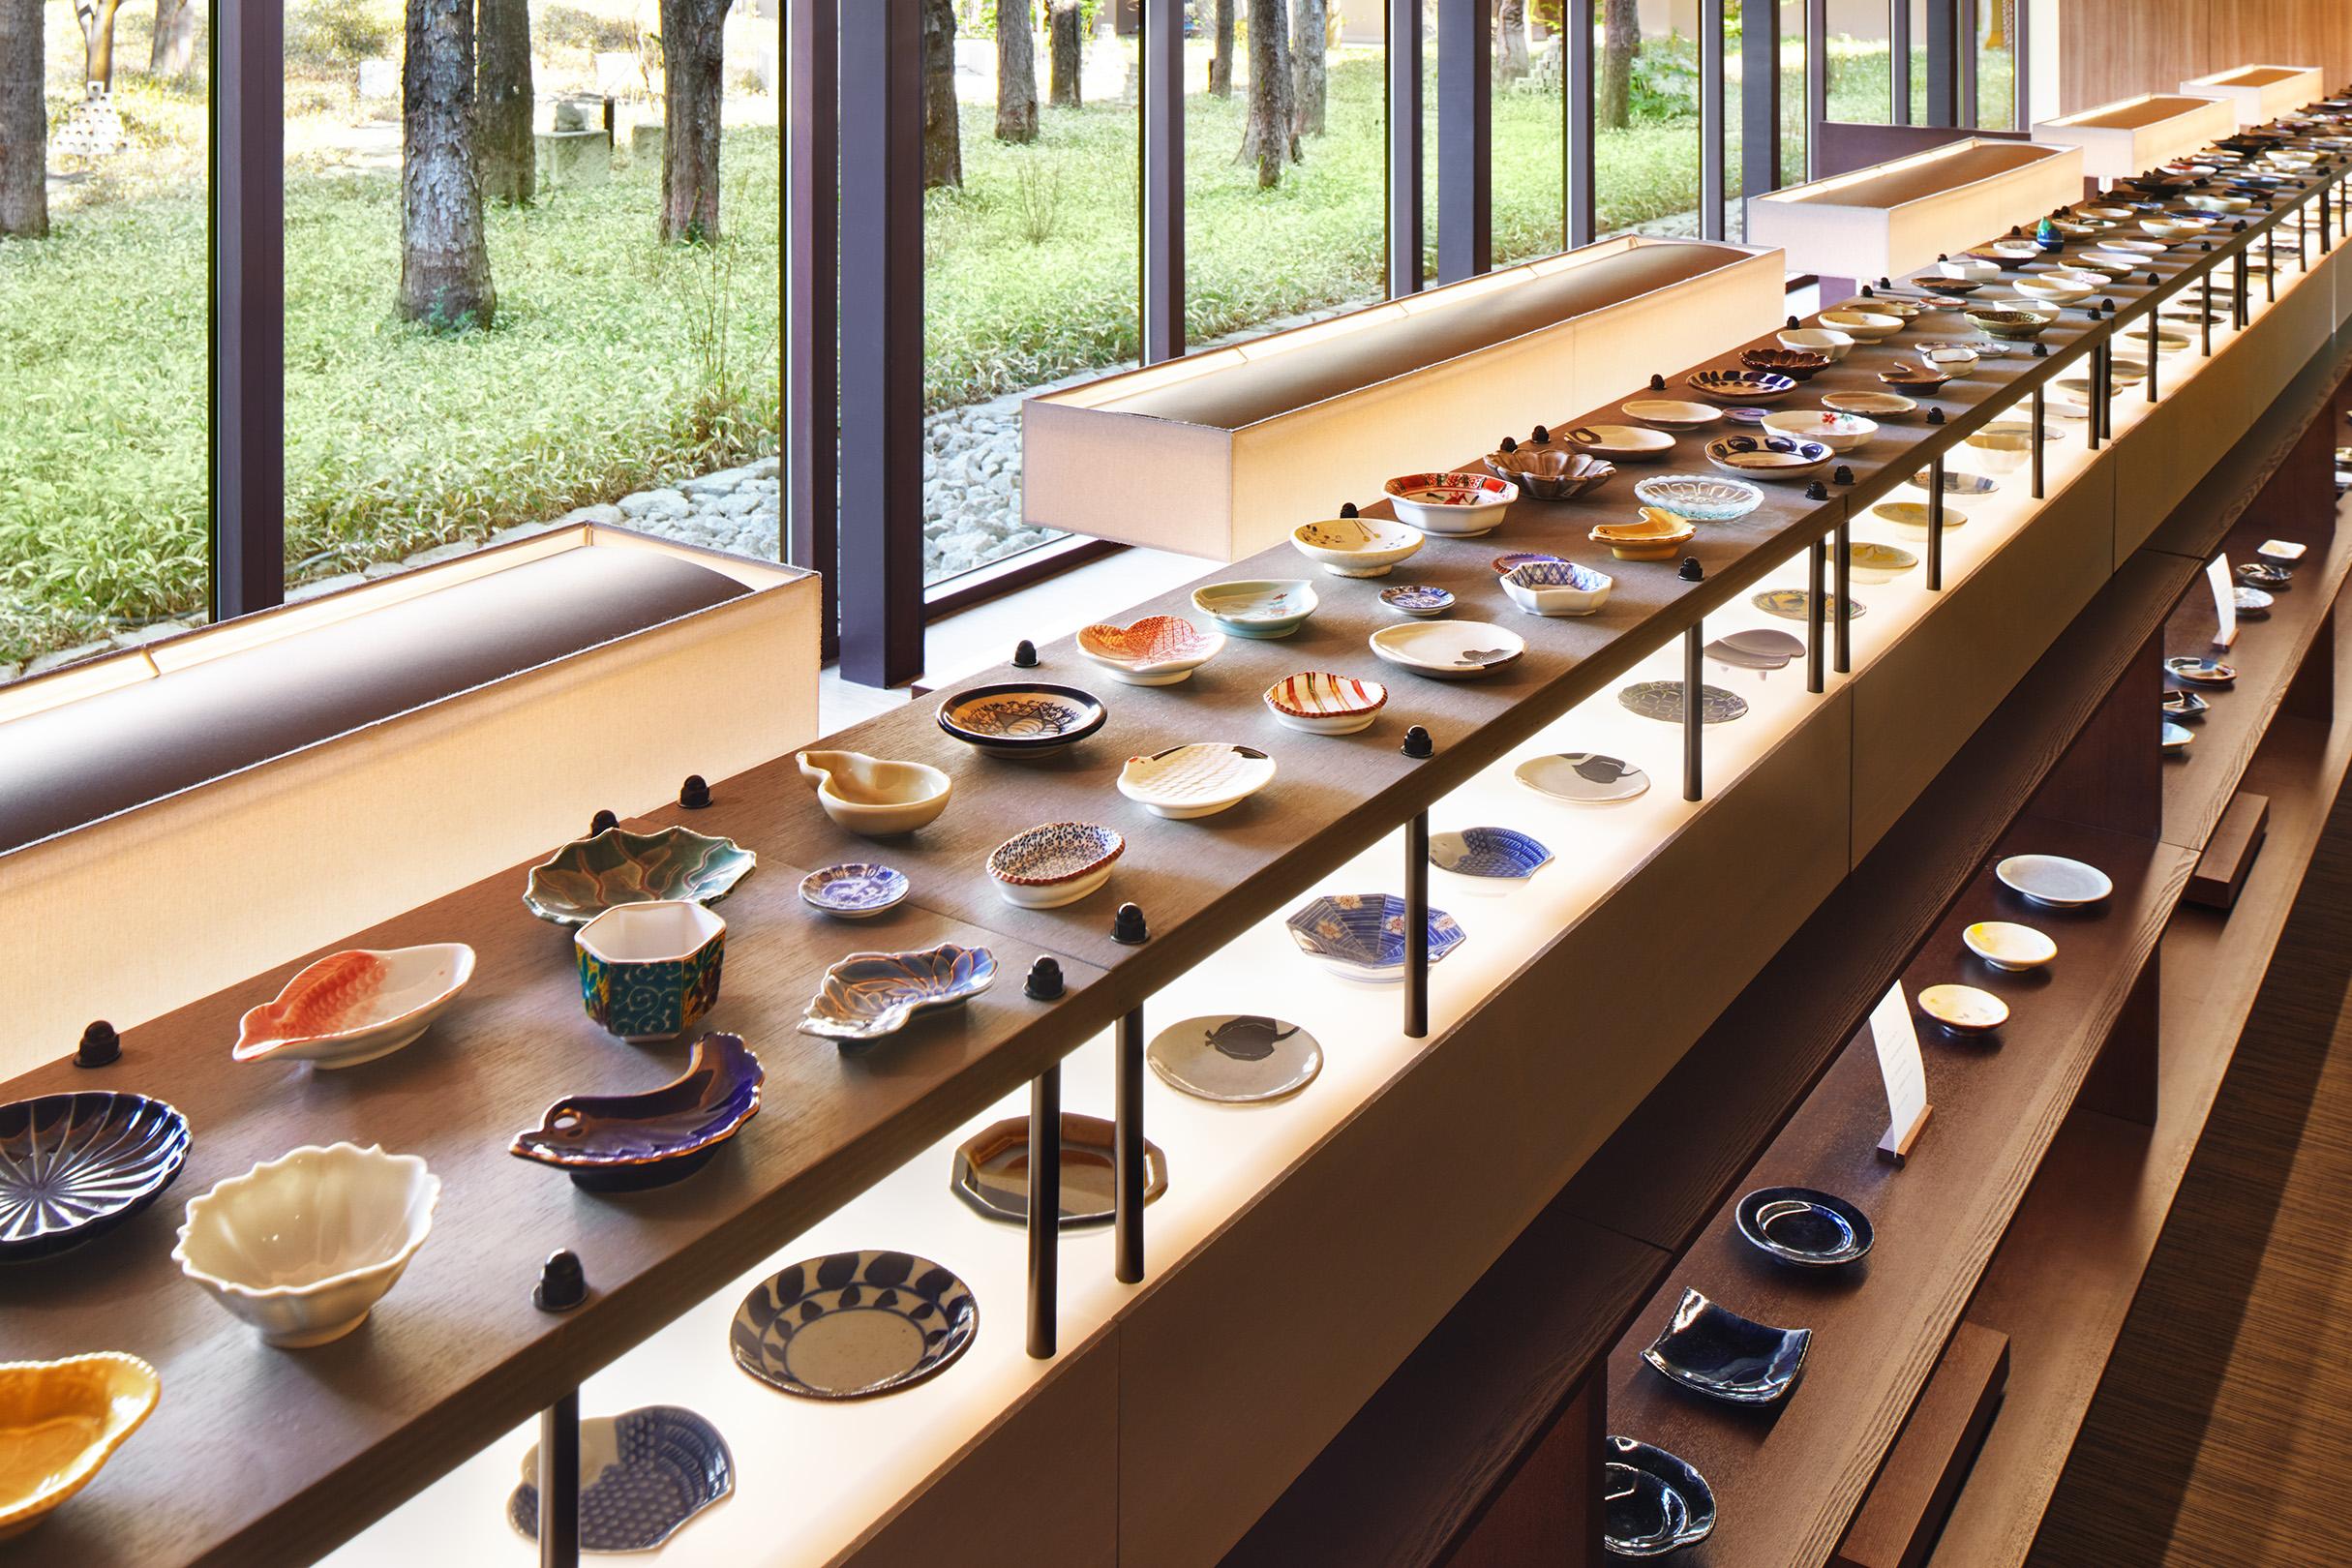 「豆皿ギャラリー」には、益子焼を中心に日本全国さまざまな産地の個性的な豆皿が揃う